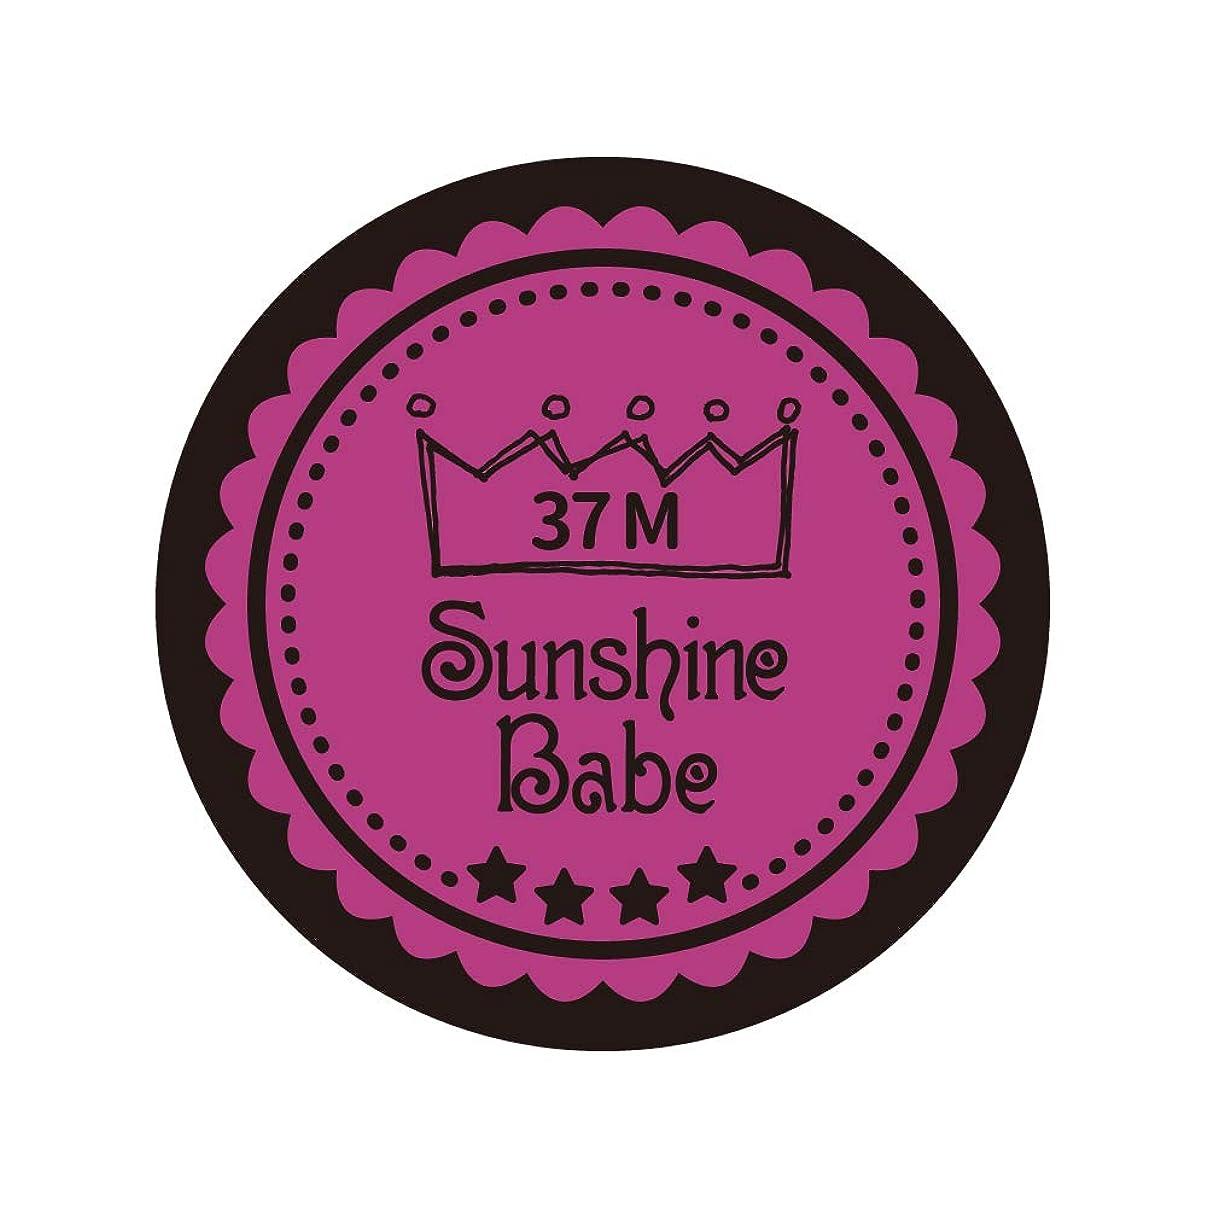 デジタルエクスタシー非公式Sunshine Babe カラージェル 37M フューシャピンク 2.7g UV/LED対応